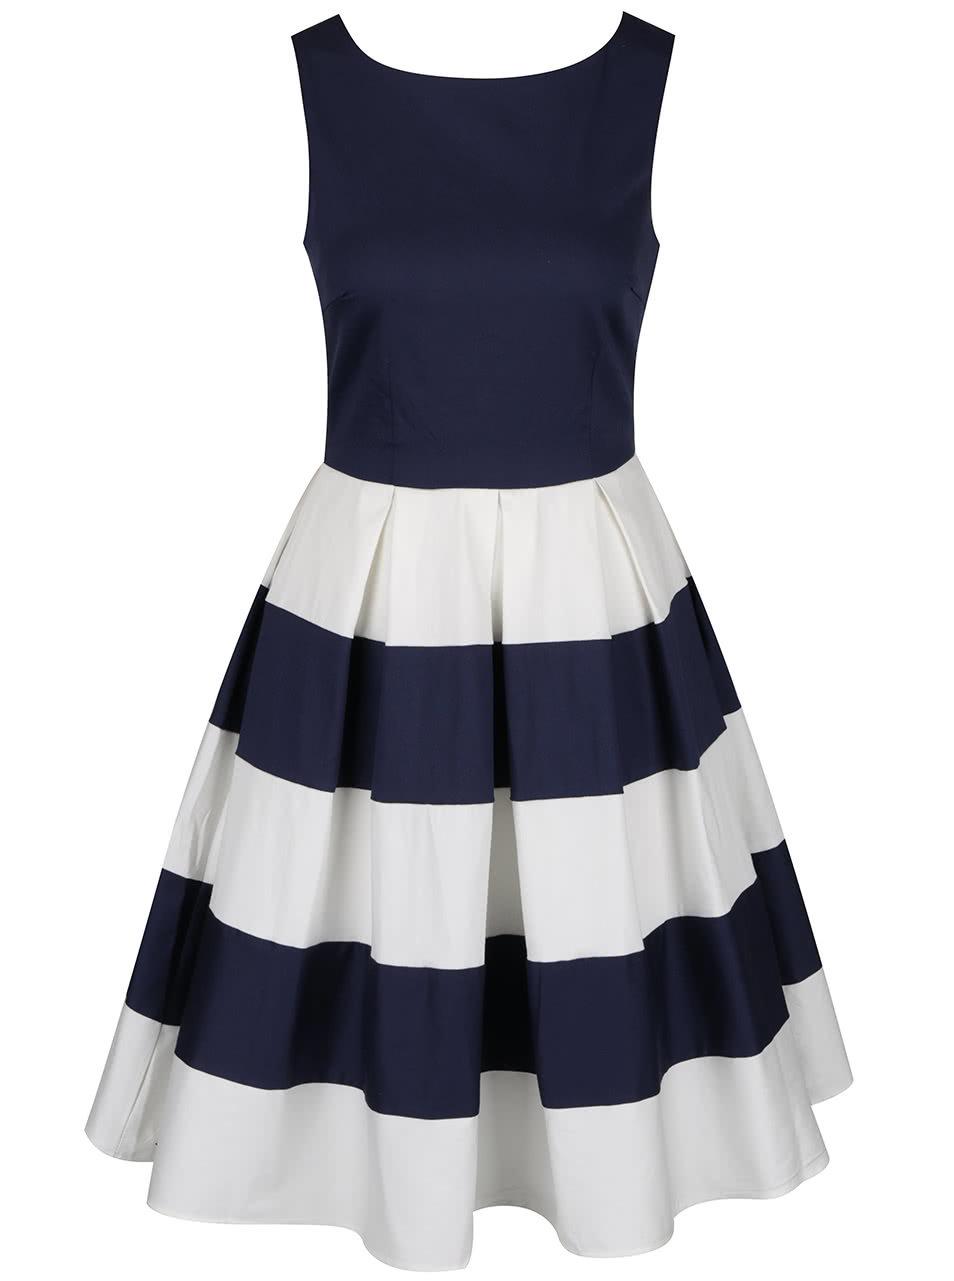 99d8c0442b11 Bílo-modré šaty s pruhovanou sukní Dolly   Dotty Anna ...